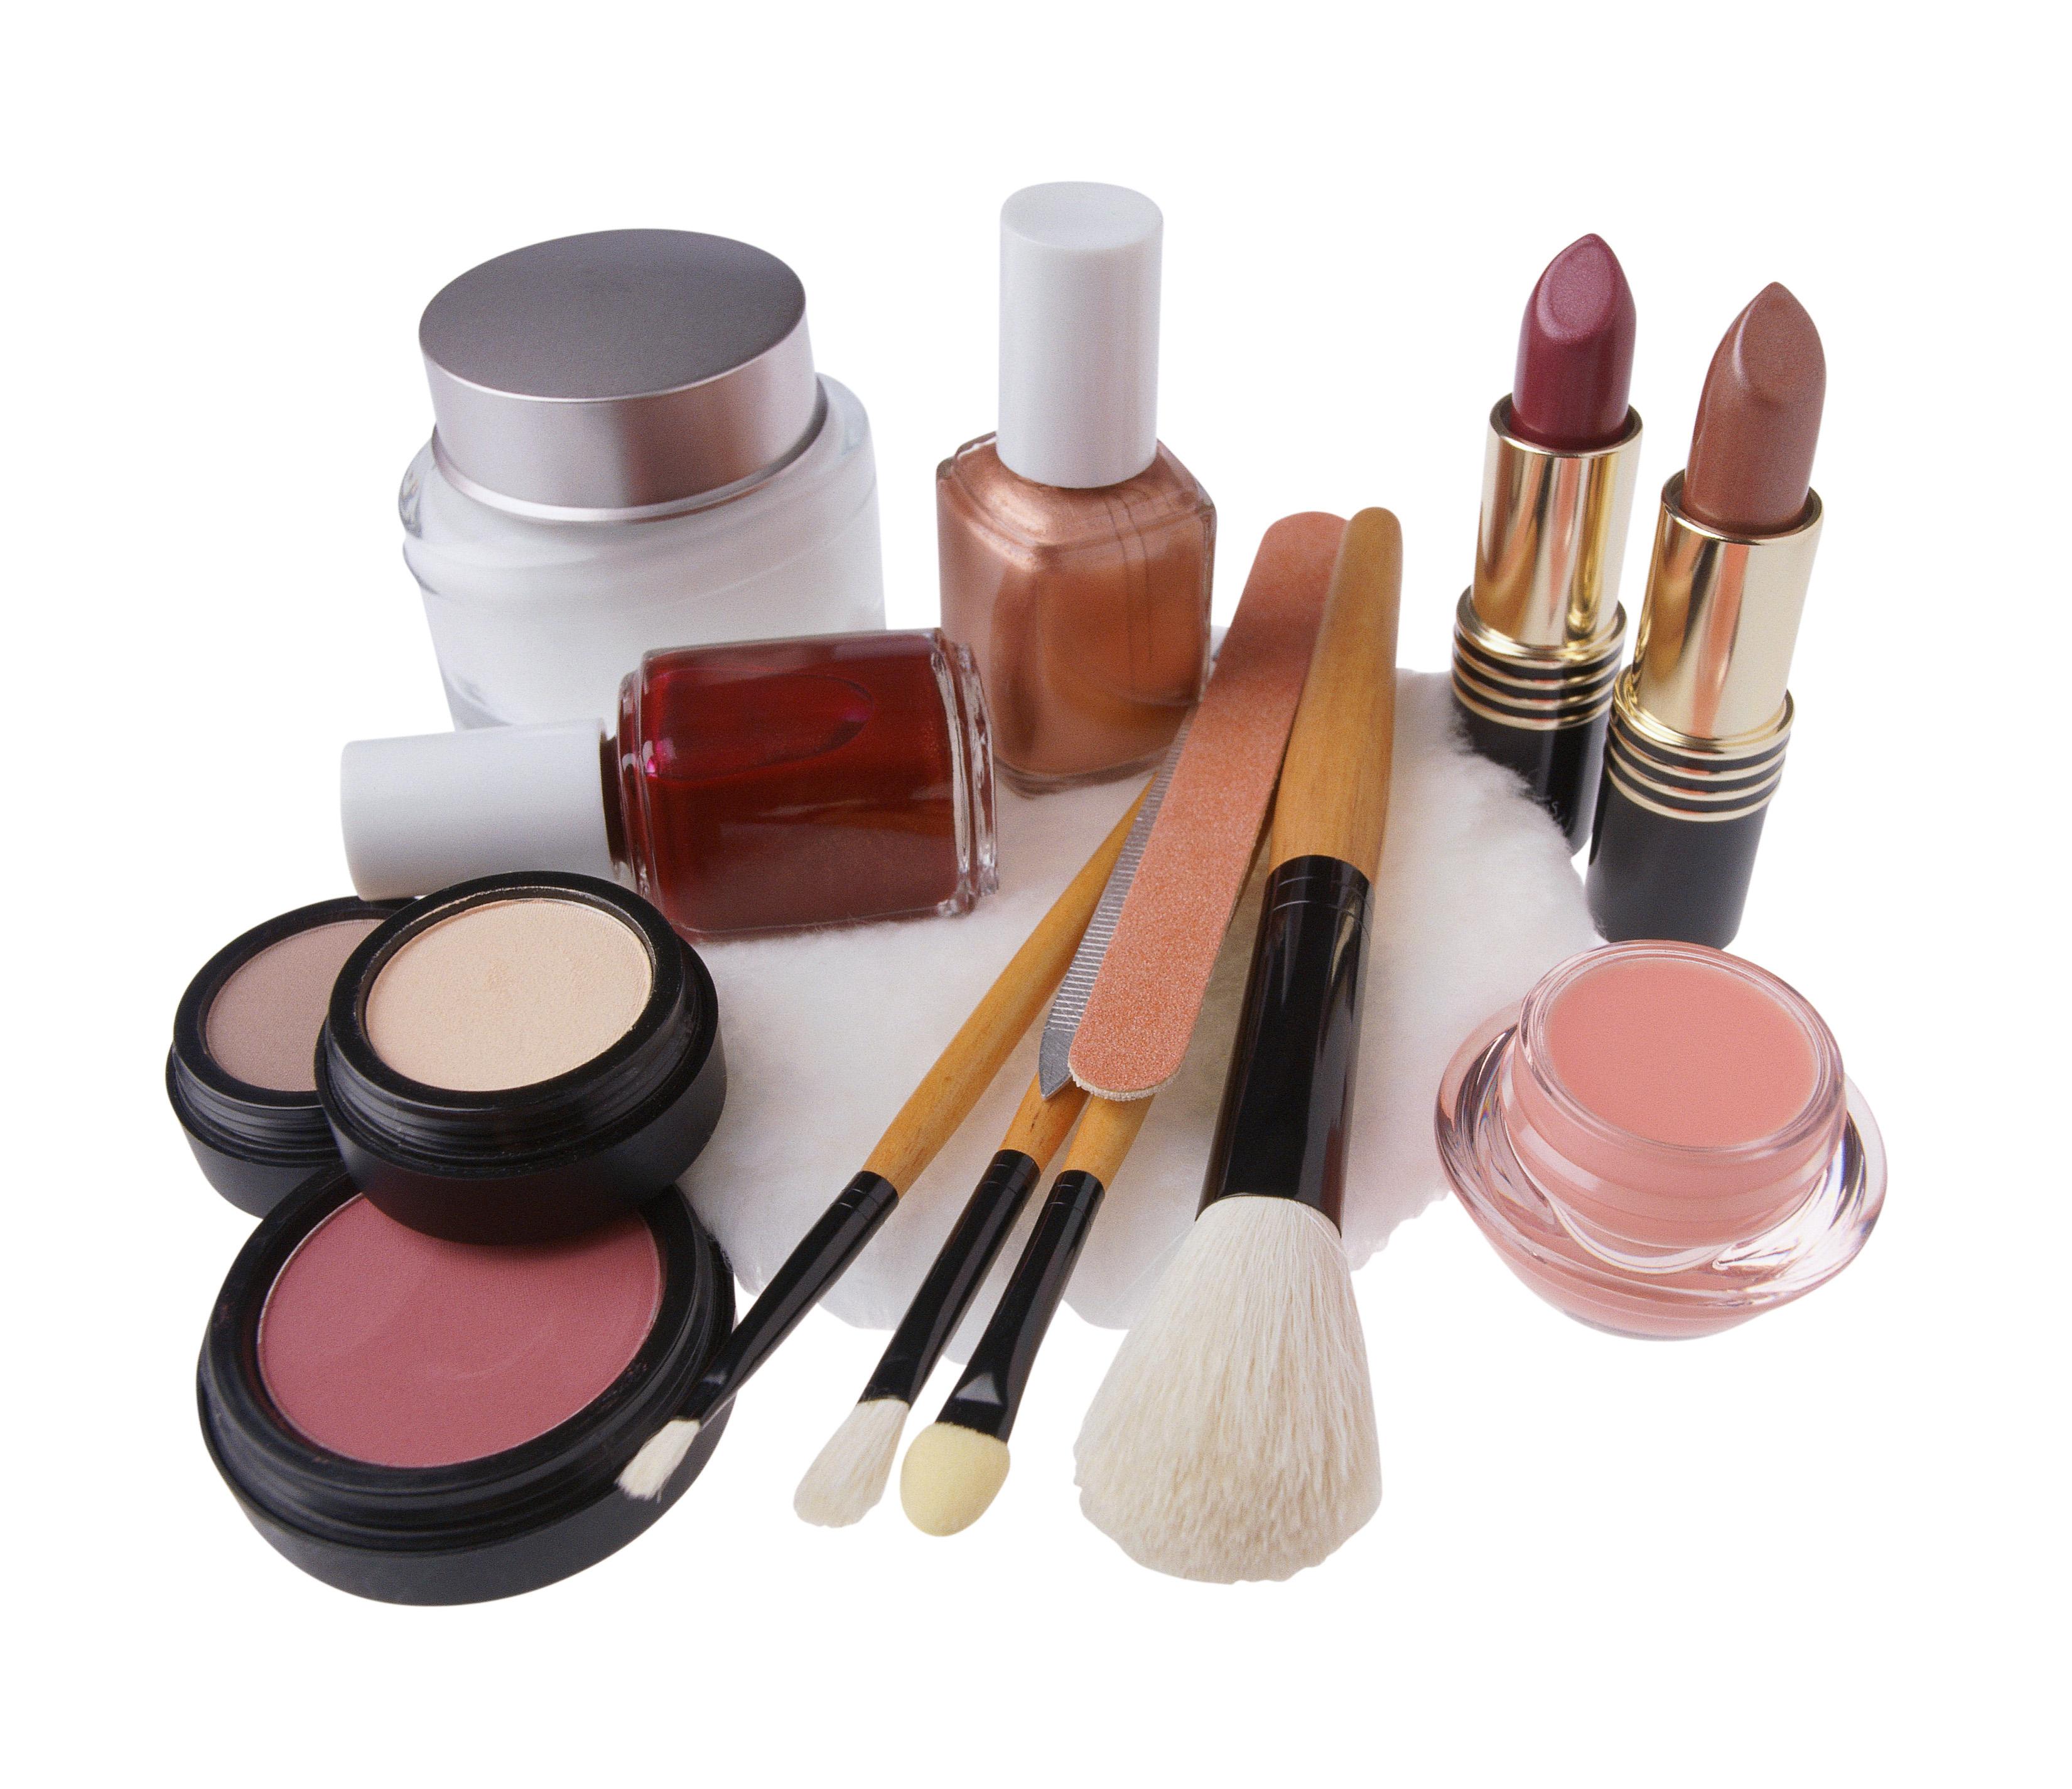 Все о том, как хранить косметику mamaeff.ком авторский блог посвященный женской красоте и здоровью.